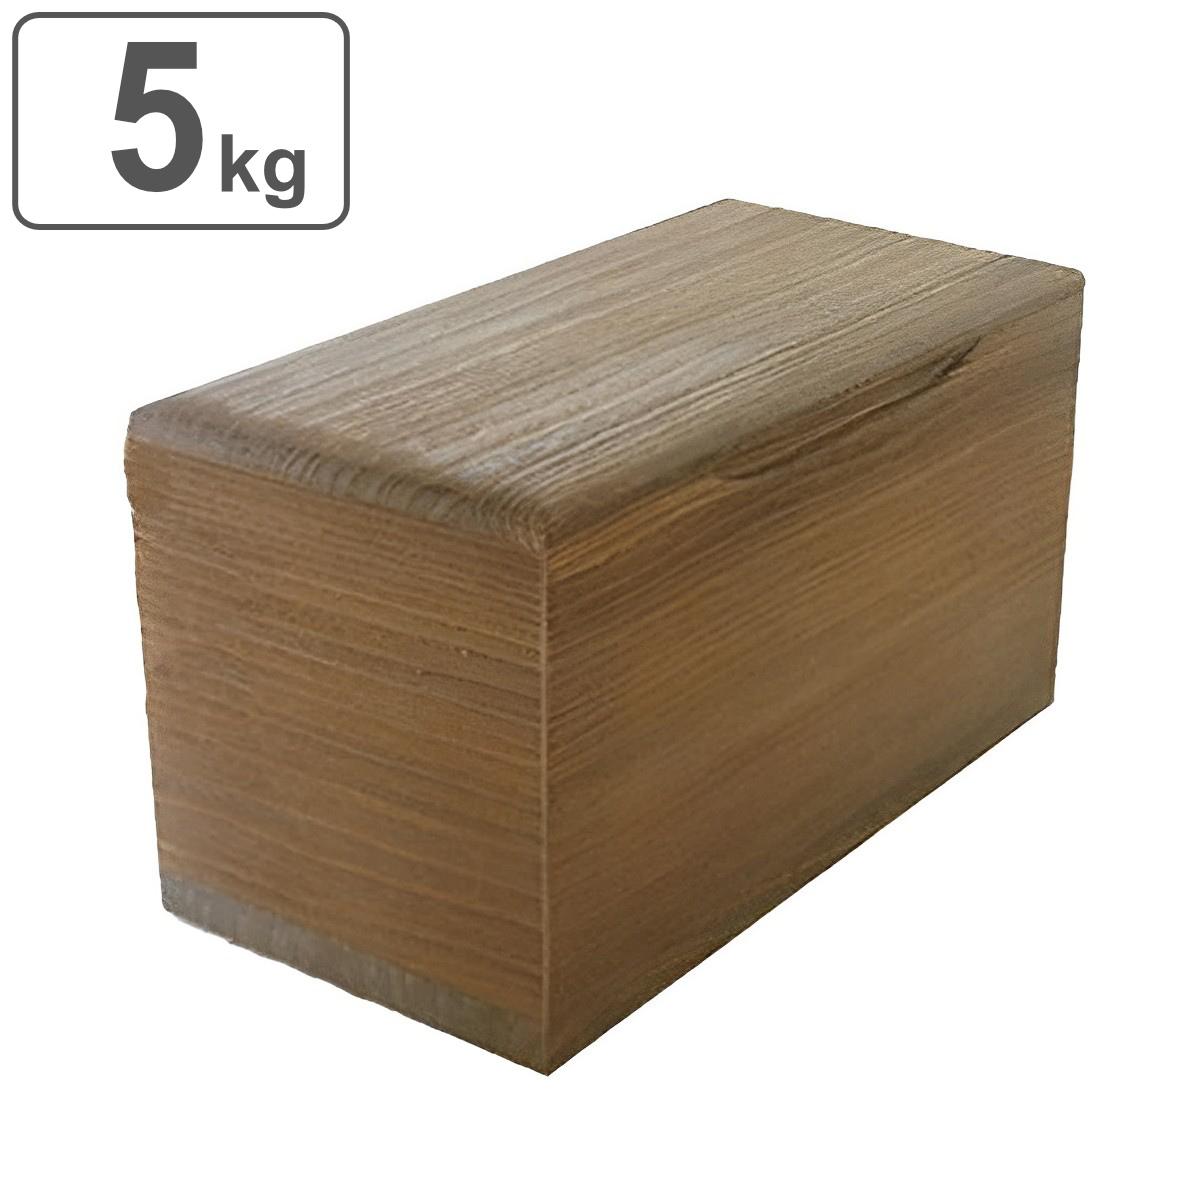 米びつ 桐製 5kg 焼桐 ( 送料無料 米櫃 ライスボックス ライスストッカー 5kg用 5キロ 桐 和風 桐製米びつ お米 収納 キッチン収納 ストッカー 保存 キッチン こめびつ ) 【3980円以上送料無料】